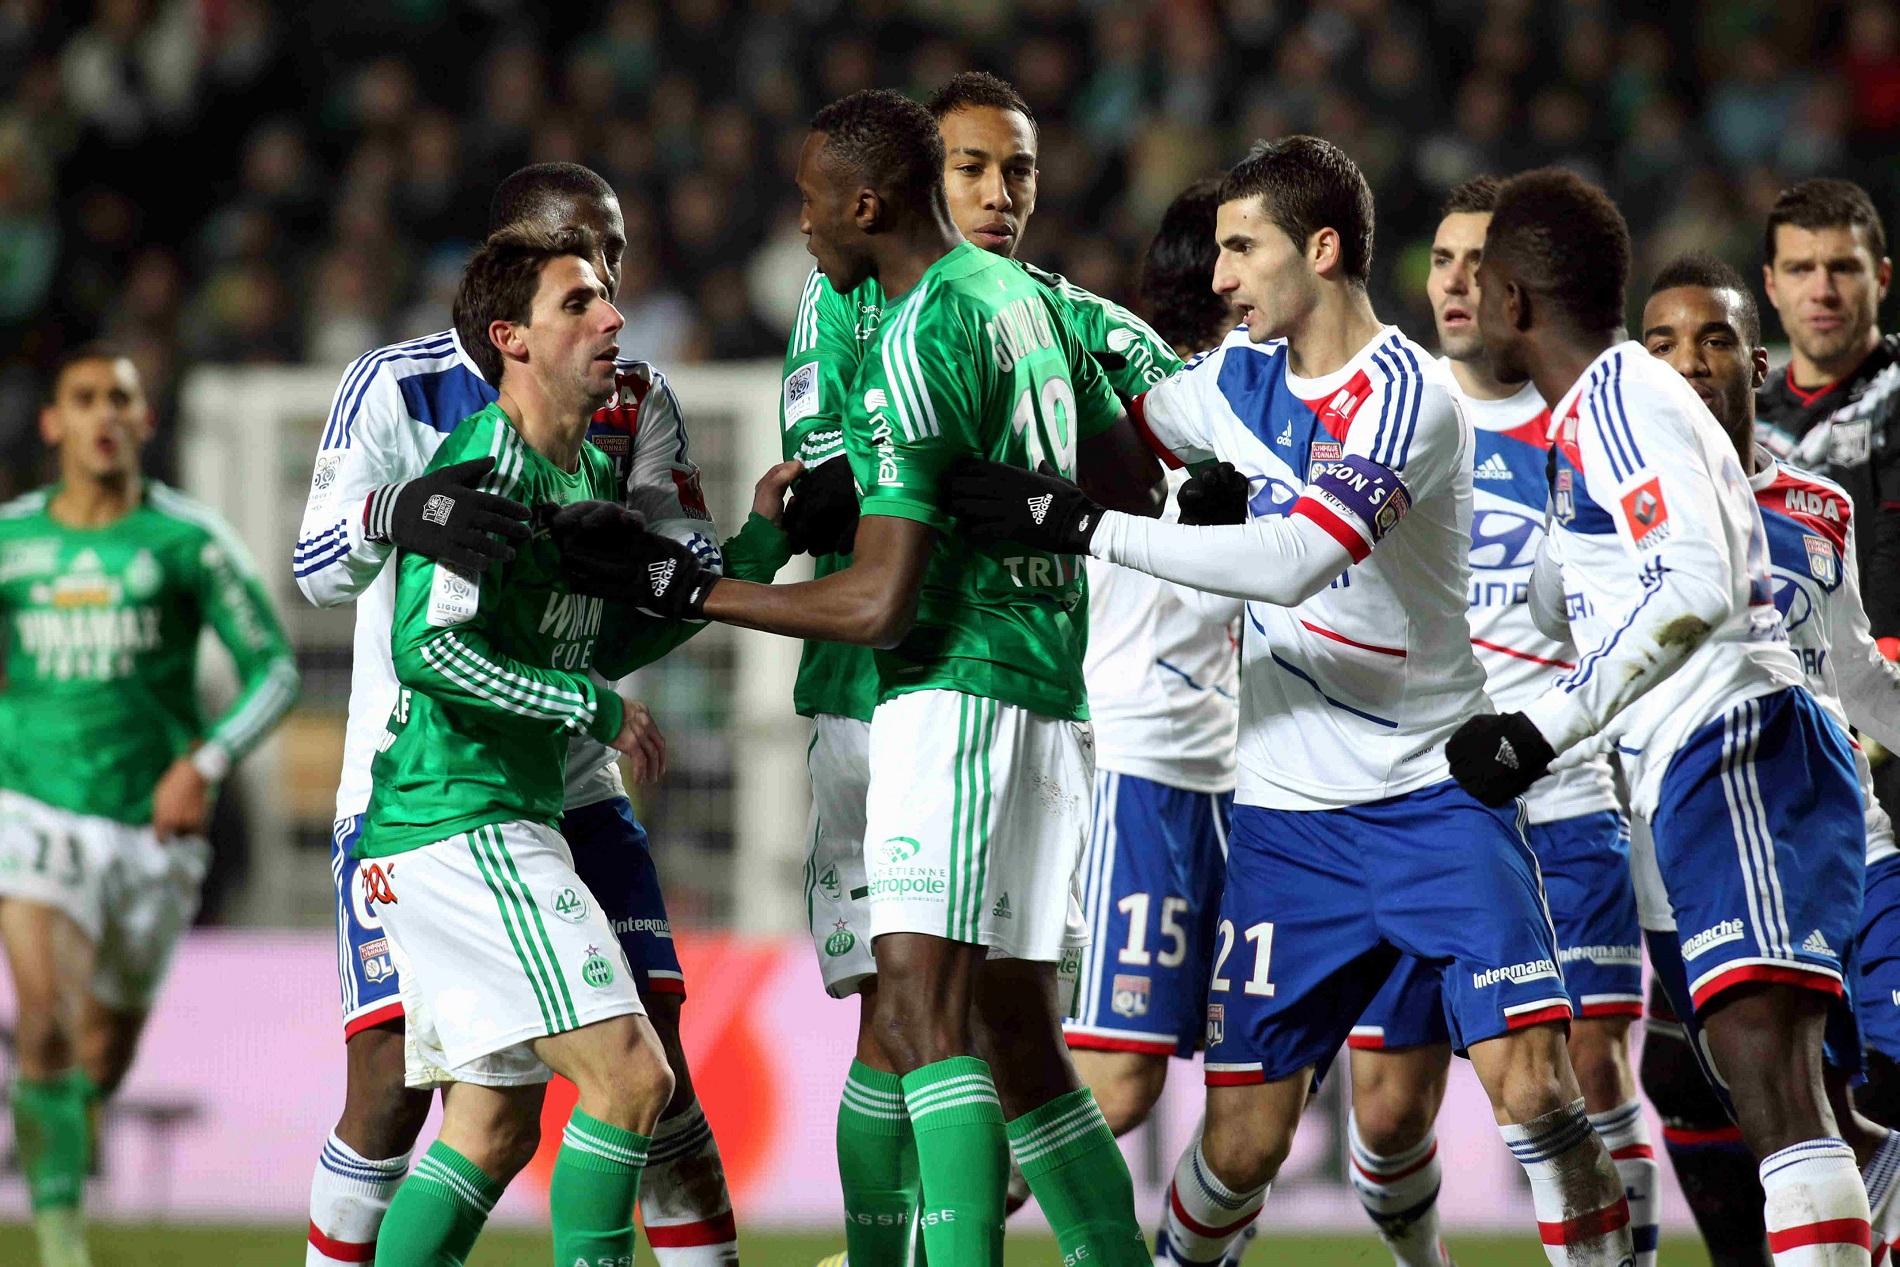 Olympique lyonnais - AS Saint-Étienne en football